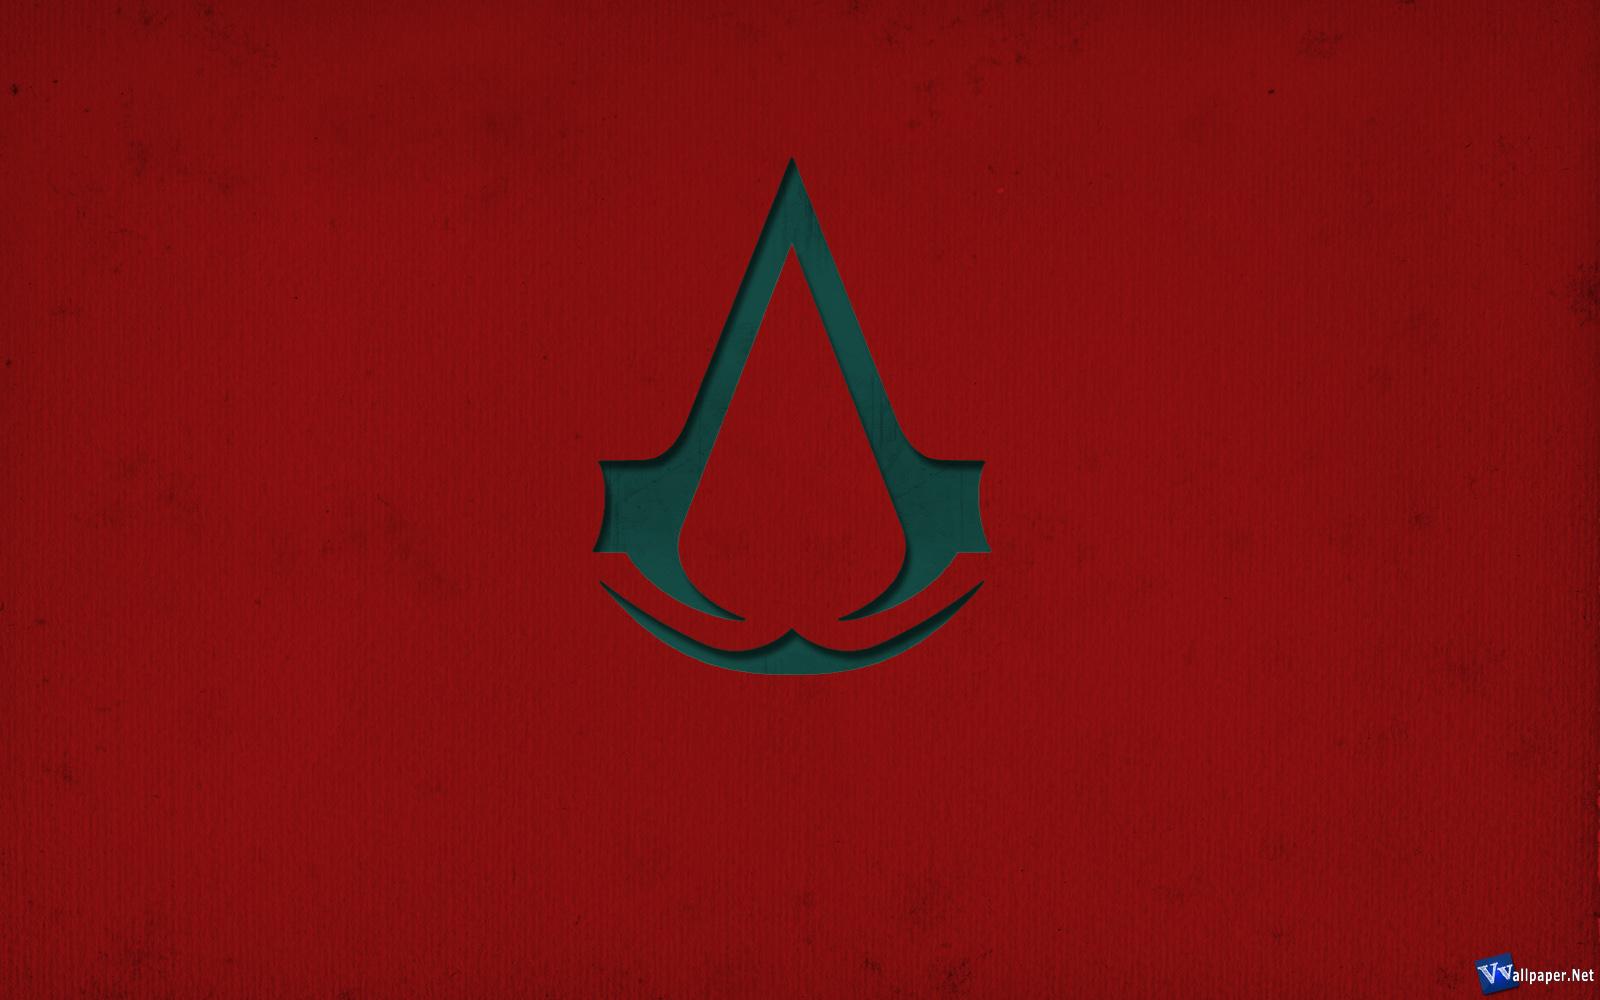 Assassins Creed Logo HD Wallpapers Desktop Wallpapers 1600x1000